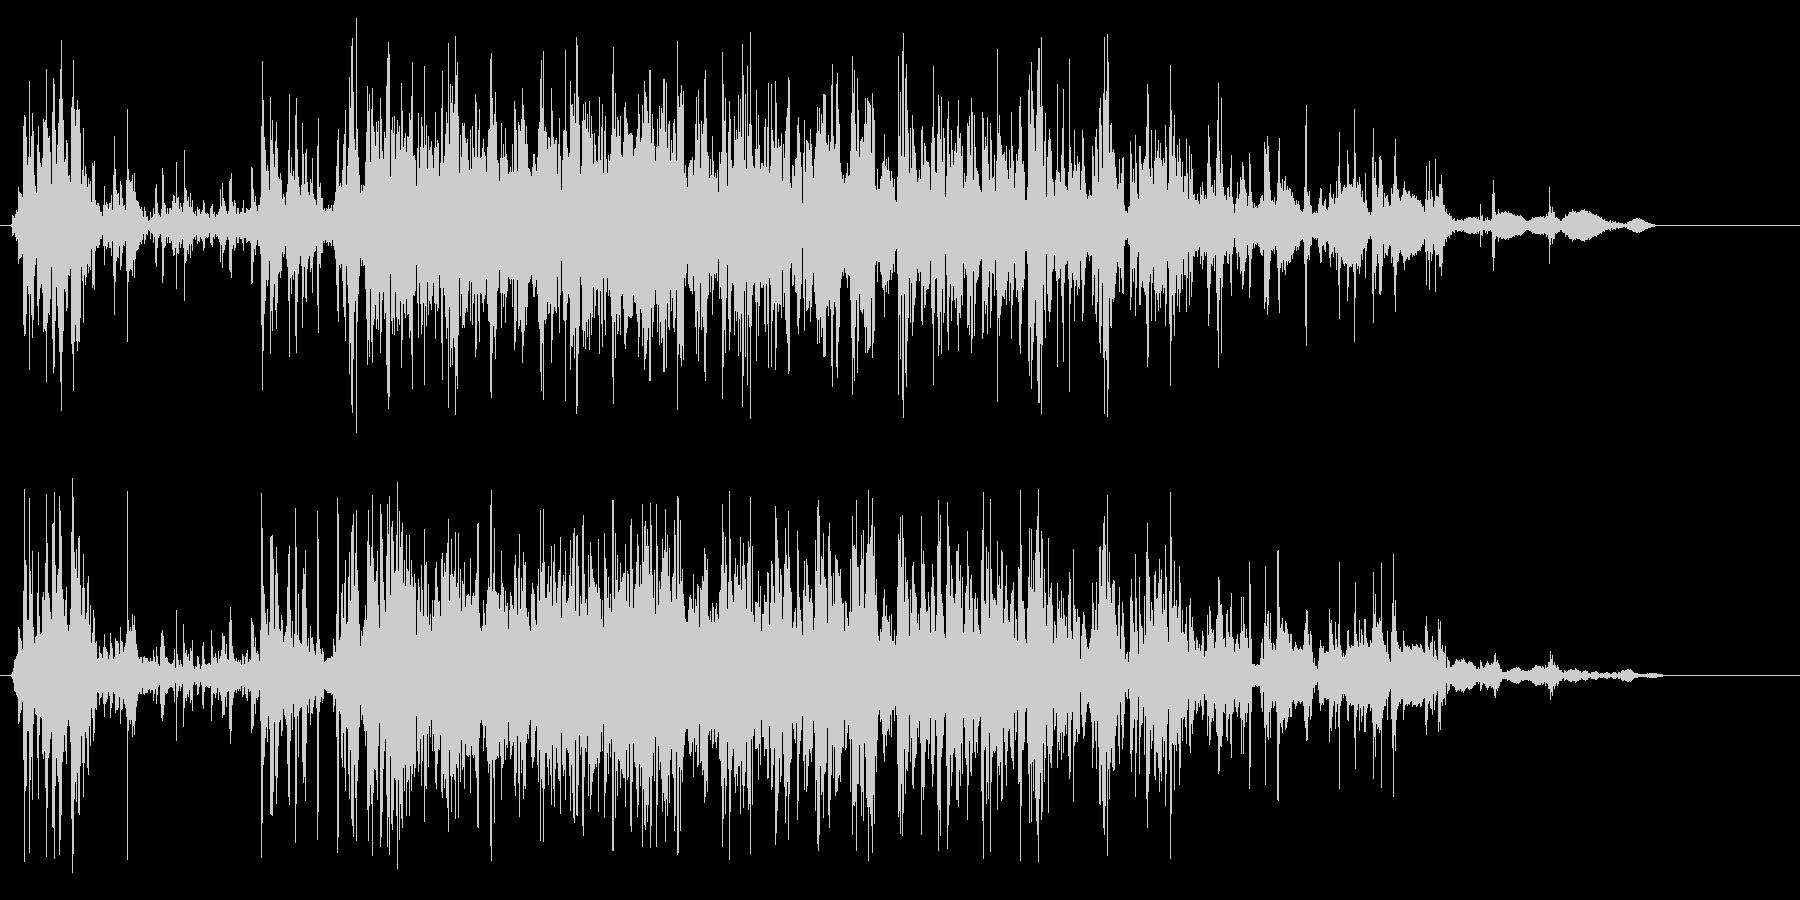 細かいものを落とした音の未再生の波形